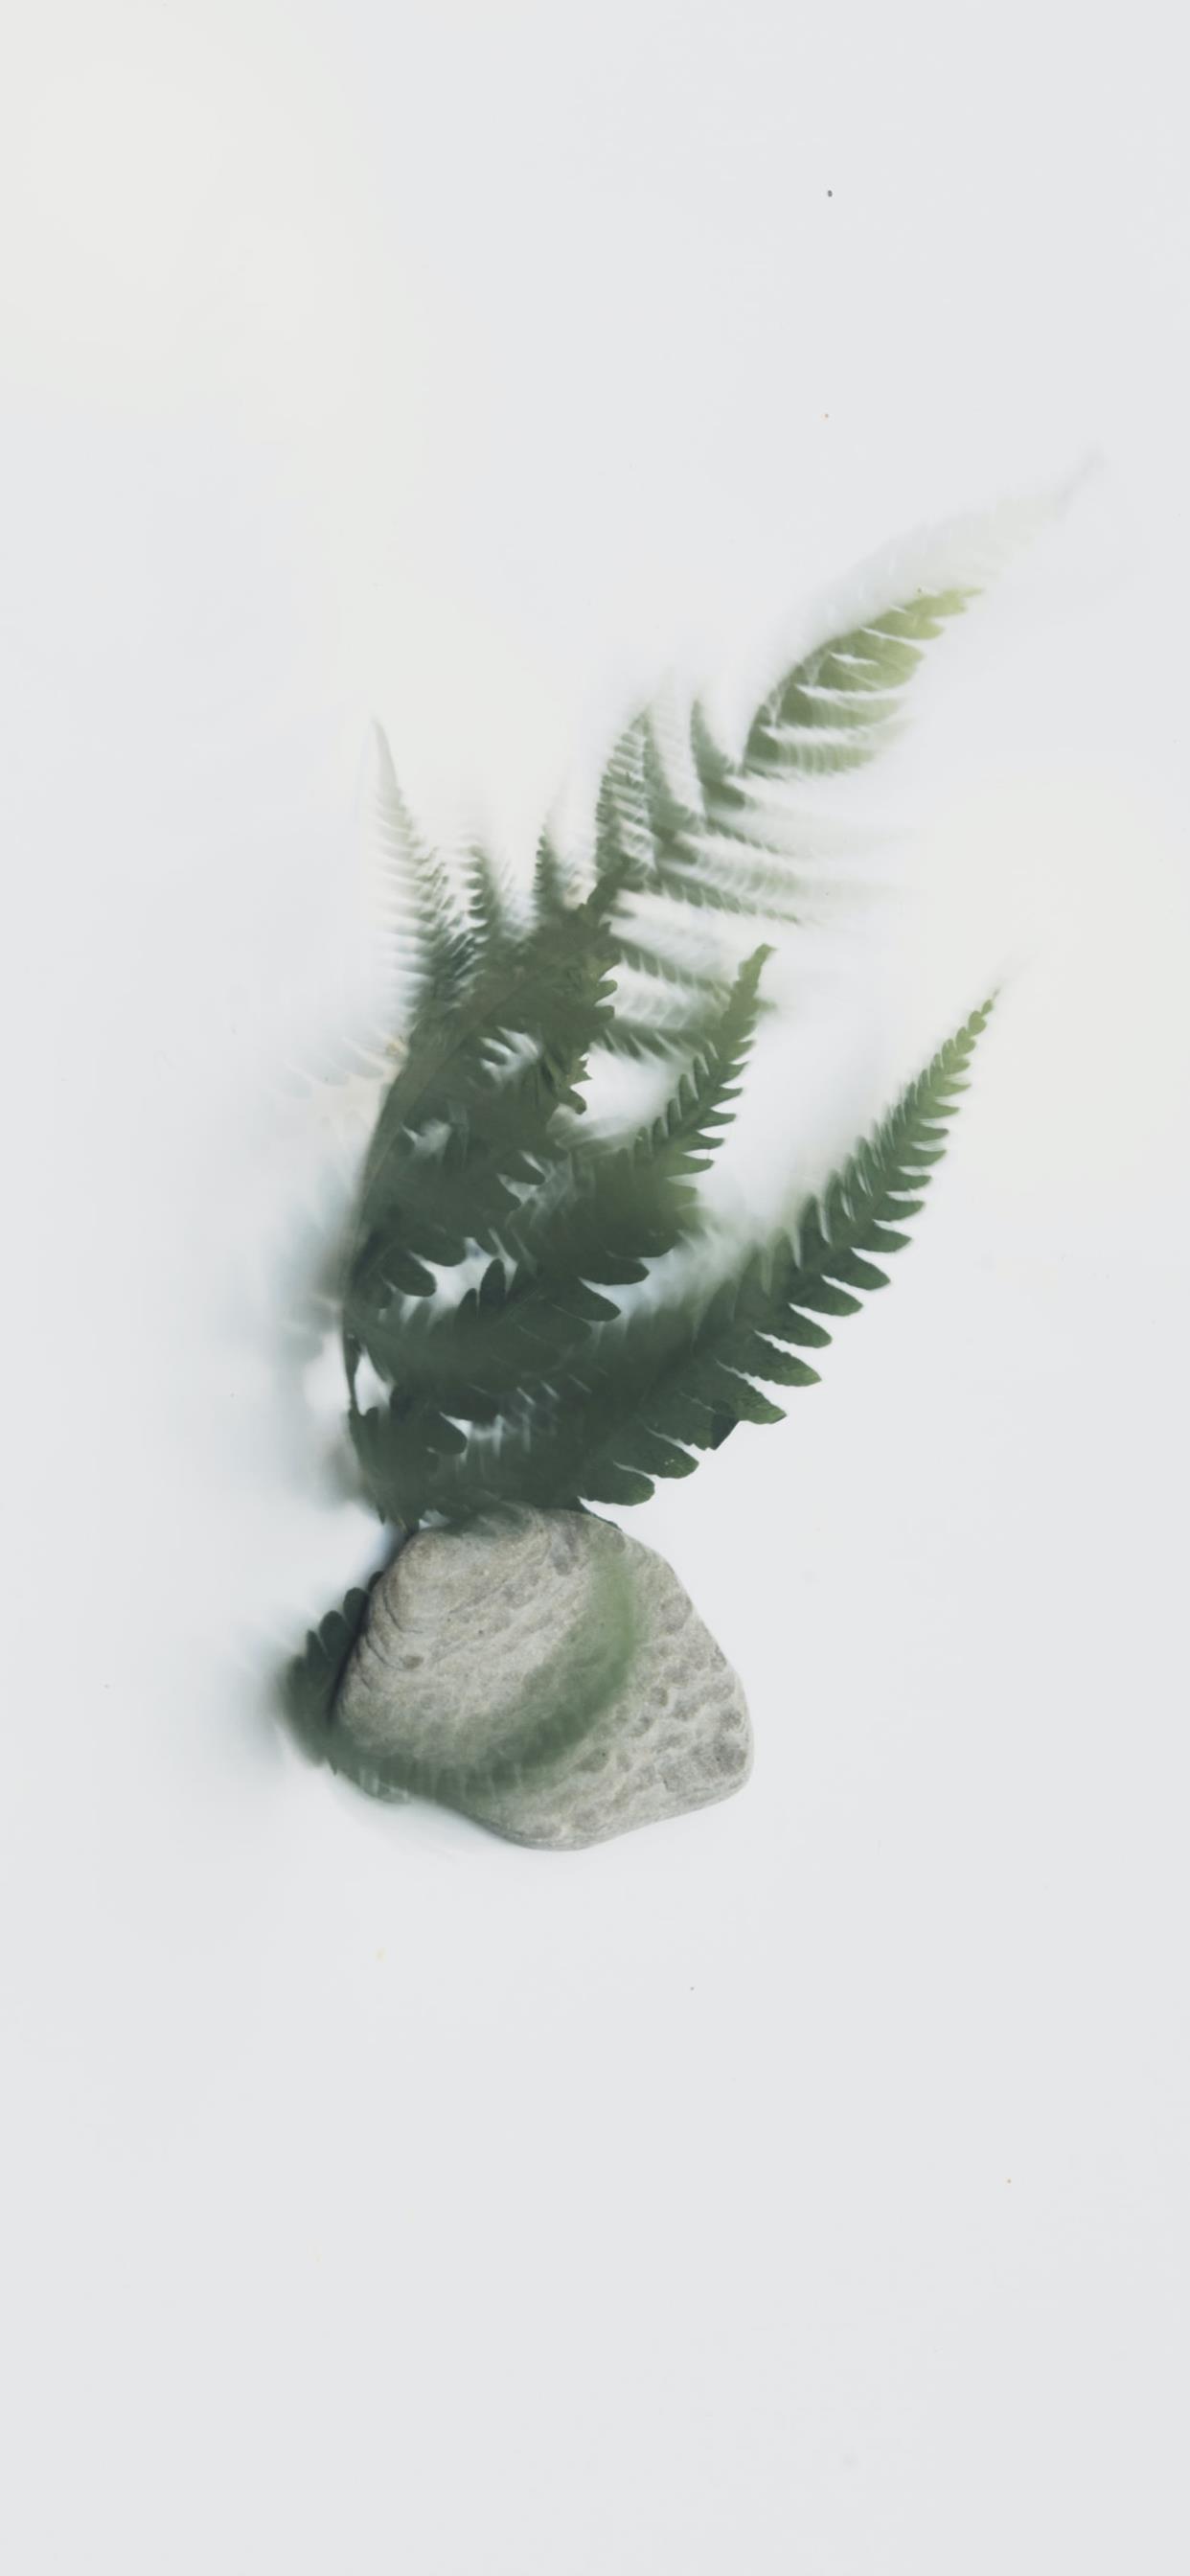 小清新植物高清手机壁纸